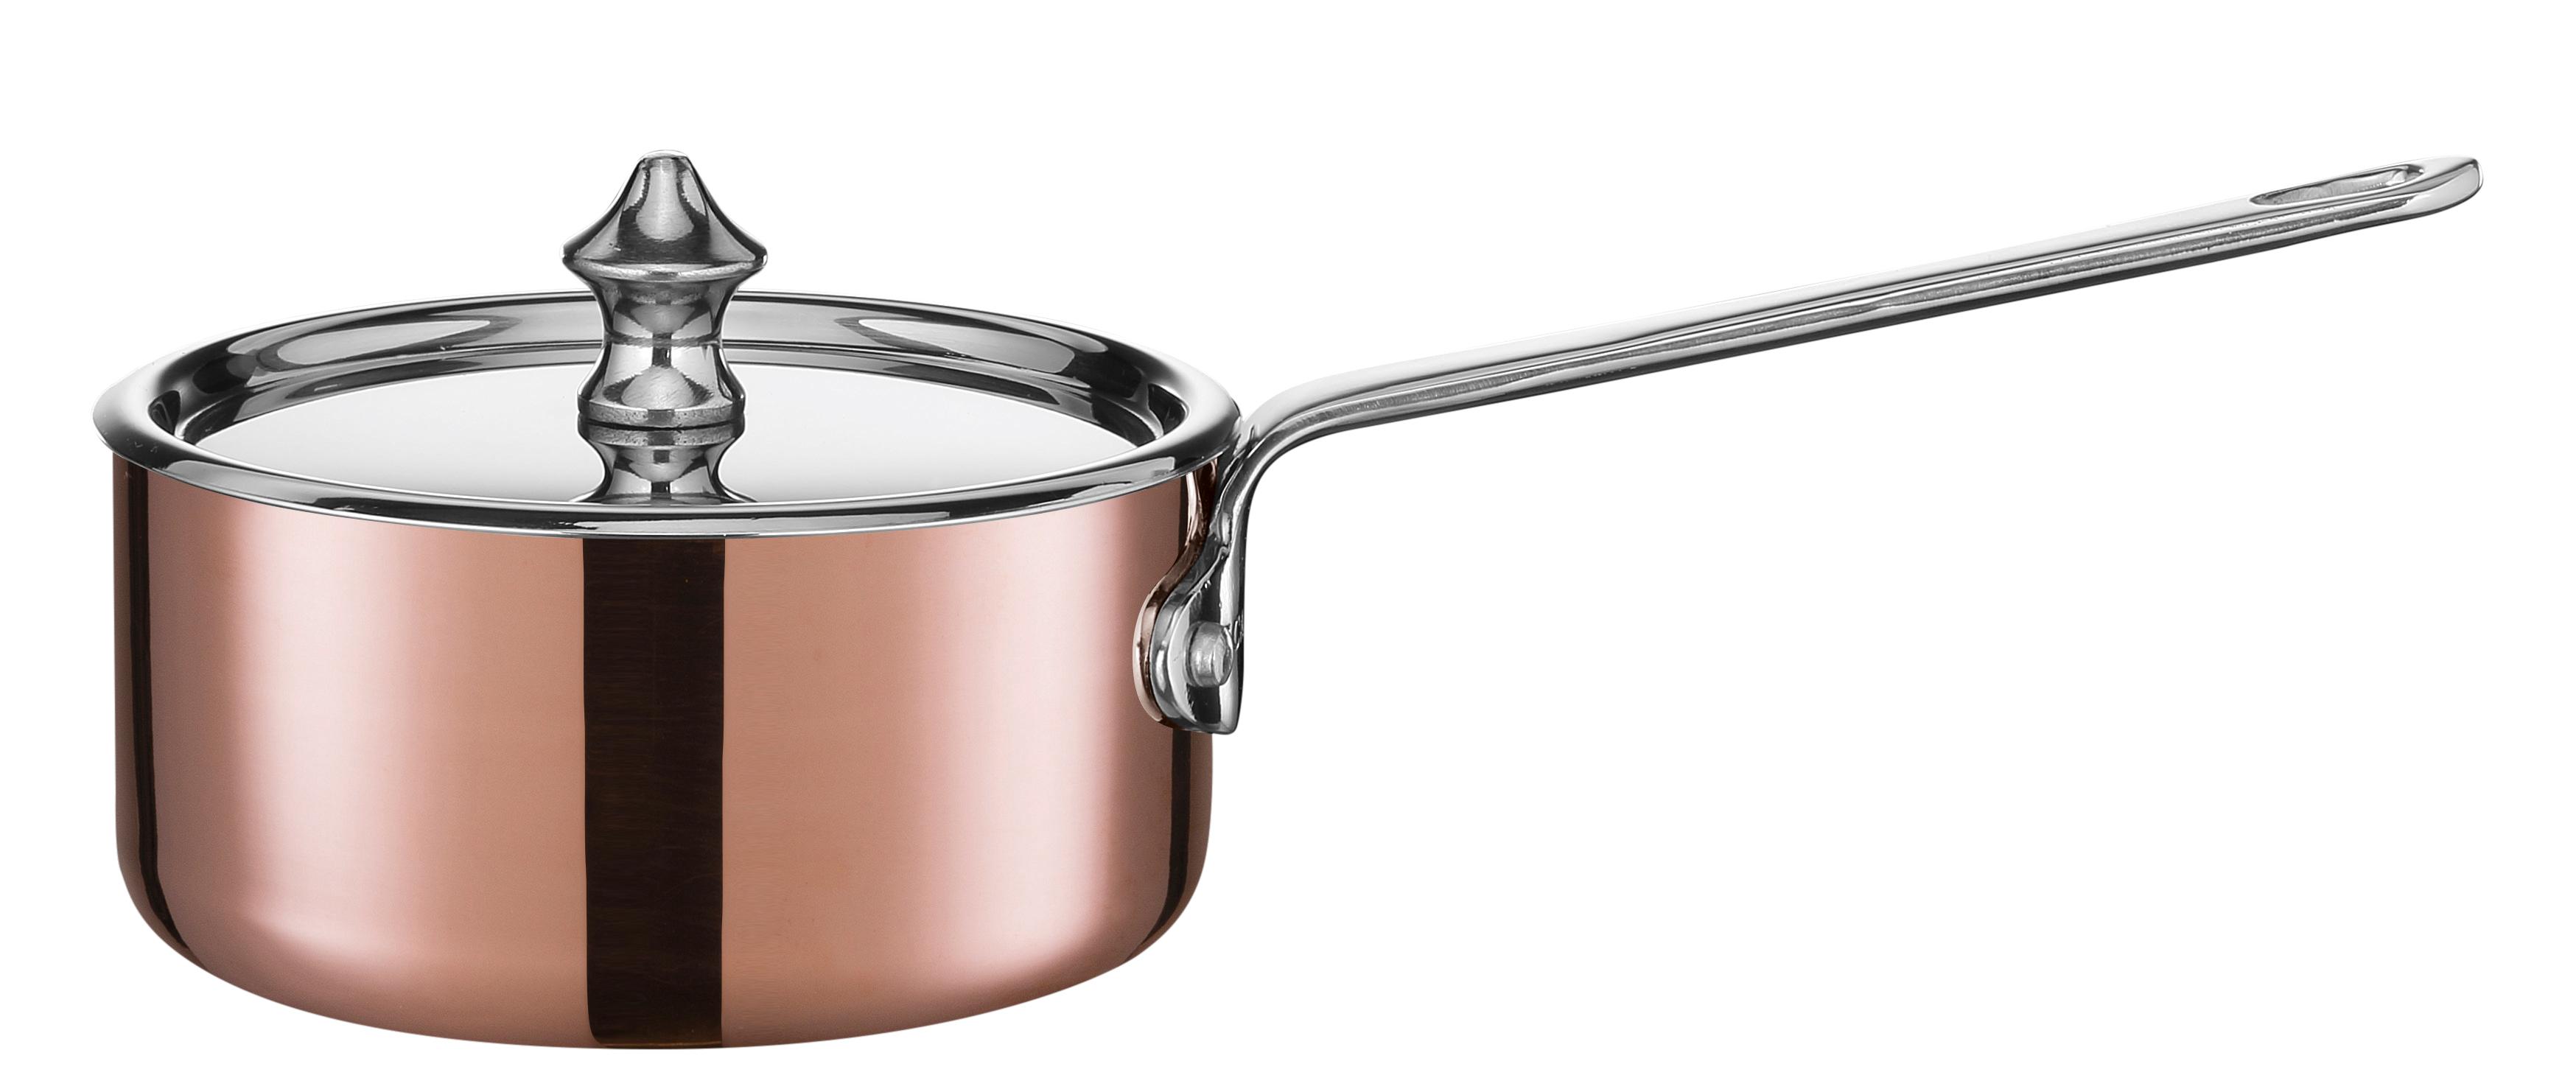 0,35 ltr./10 cm kasserolle med stållåg - Maitre D, 0,35 l 10 cm